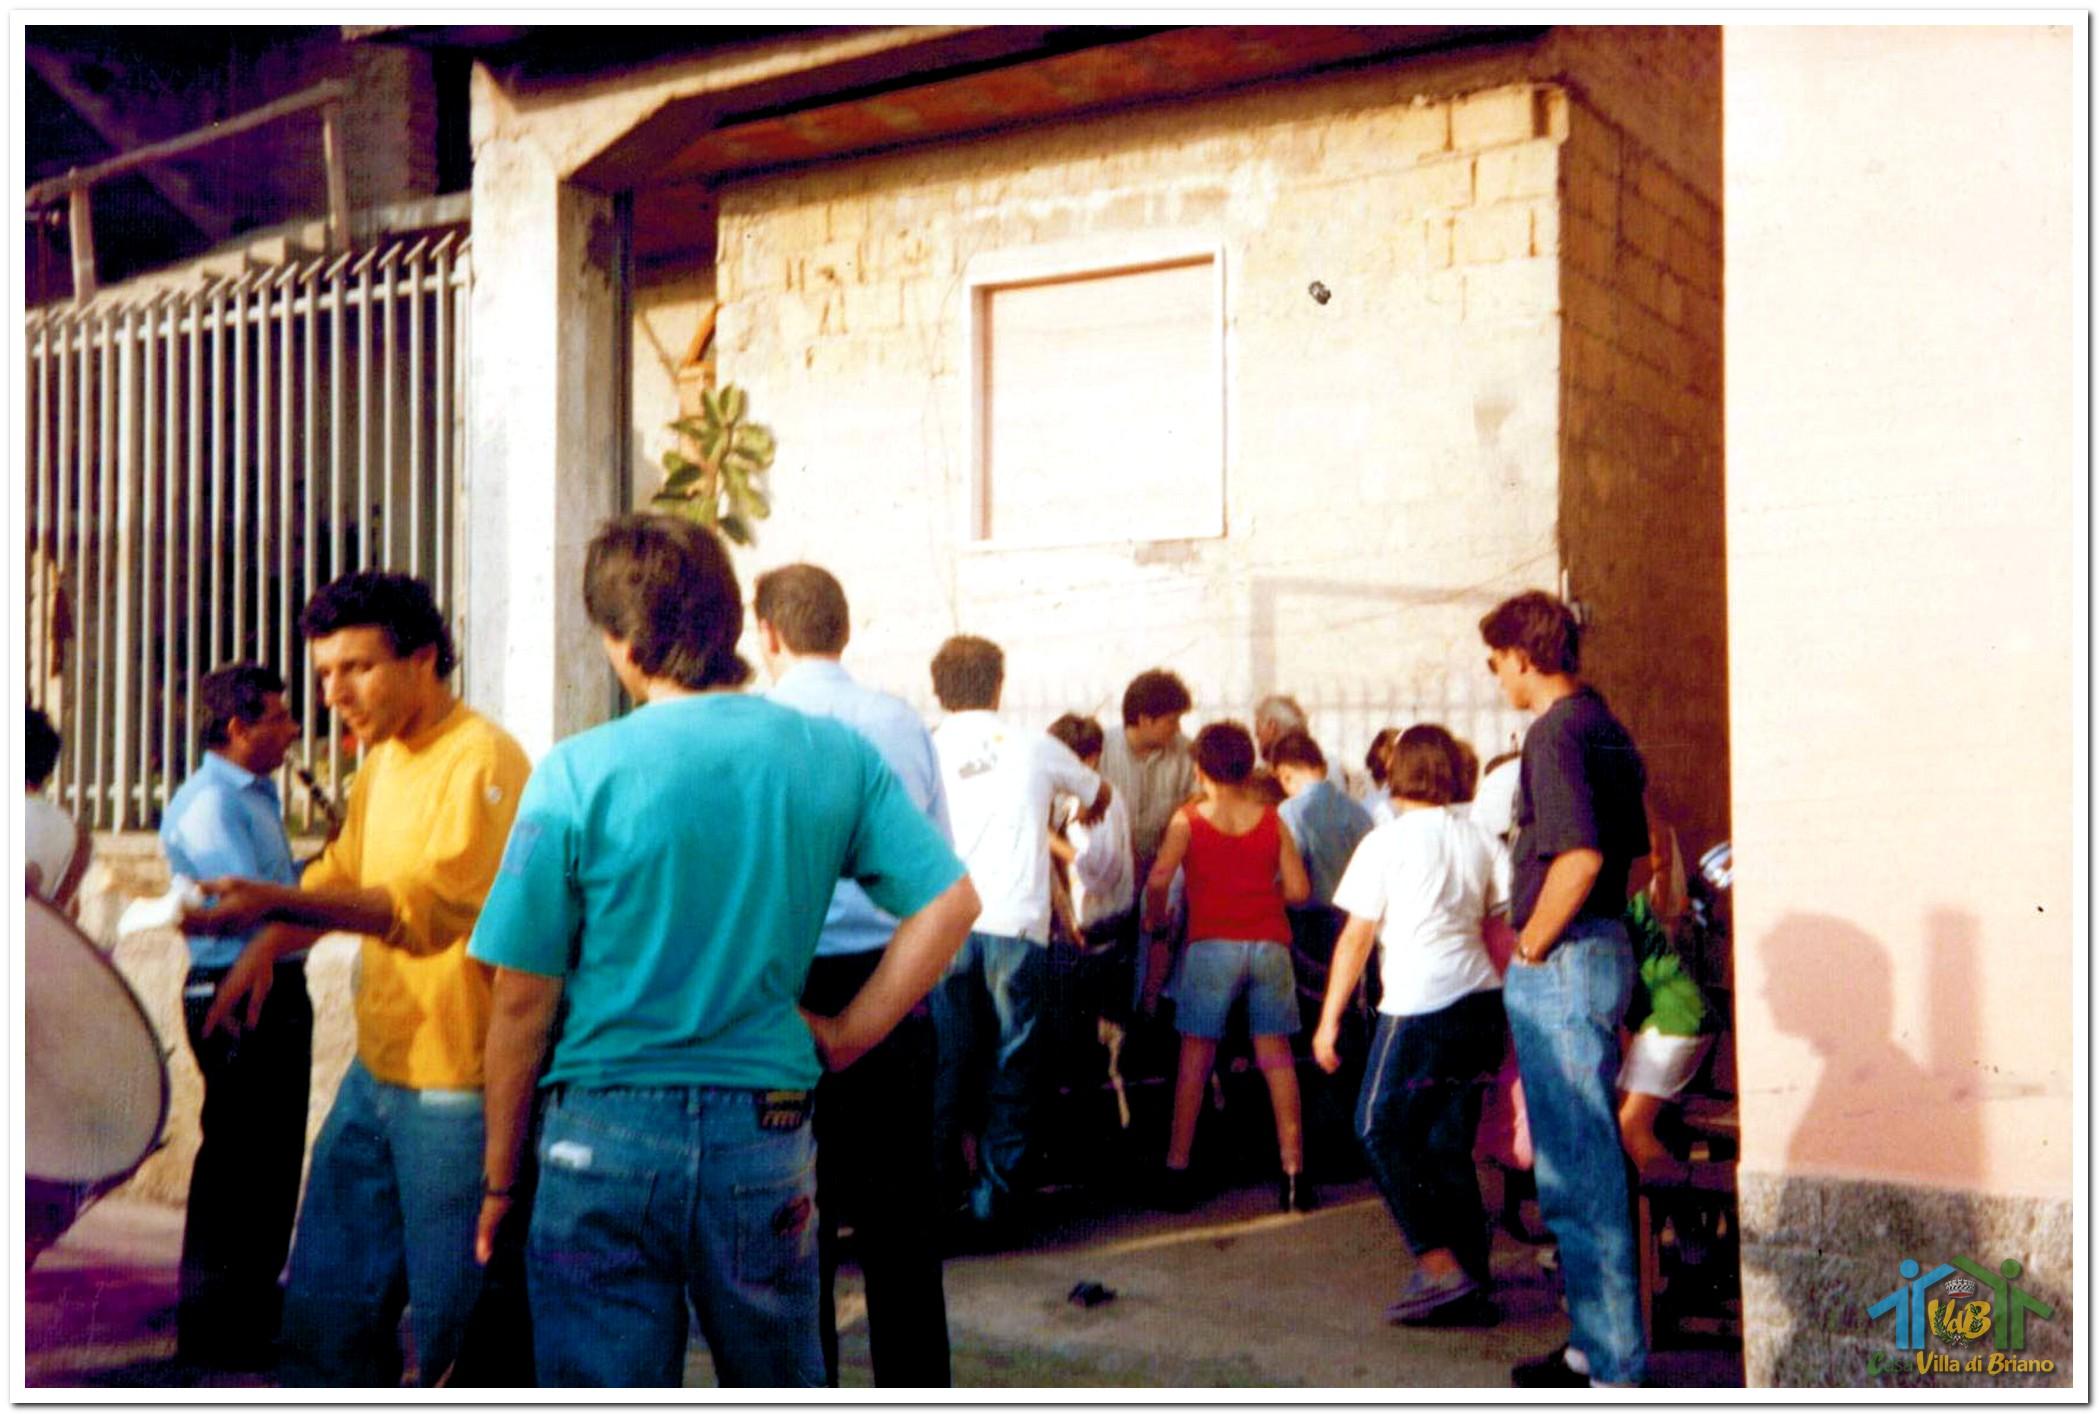 Sant'Antonio_Festa_Villa_di_briano_1989_9